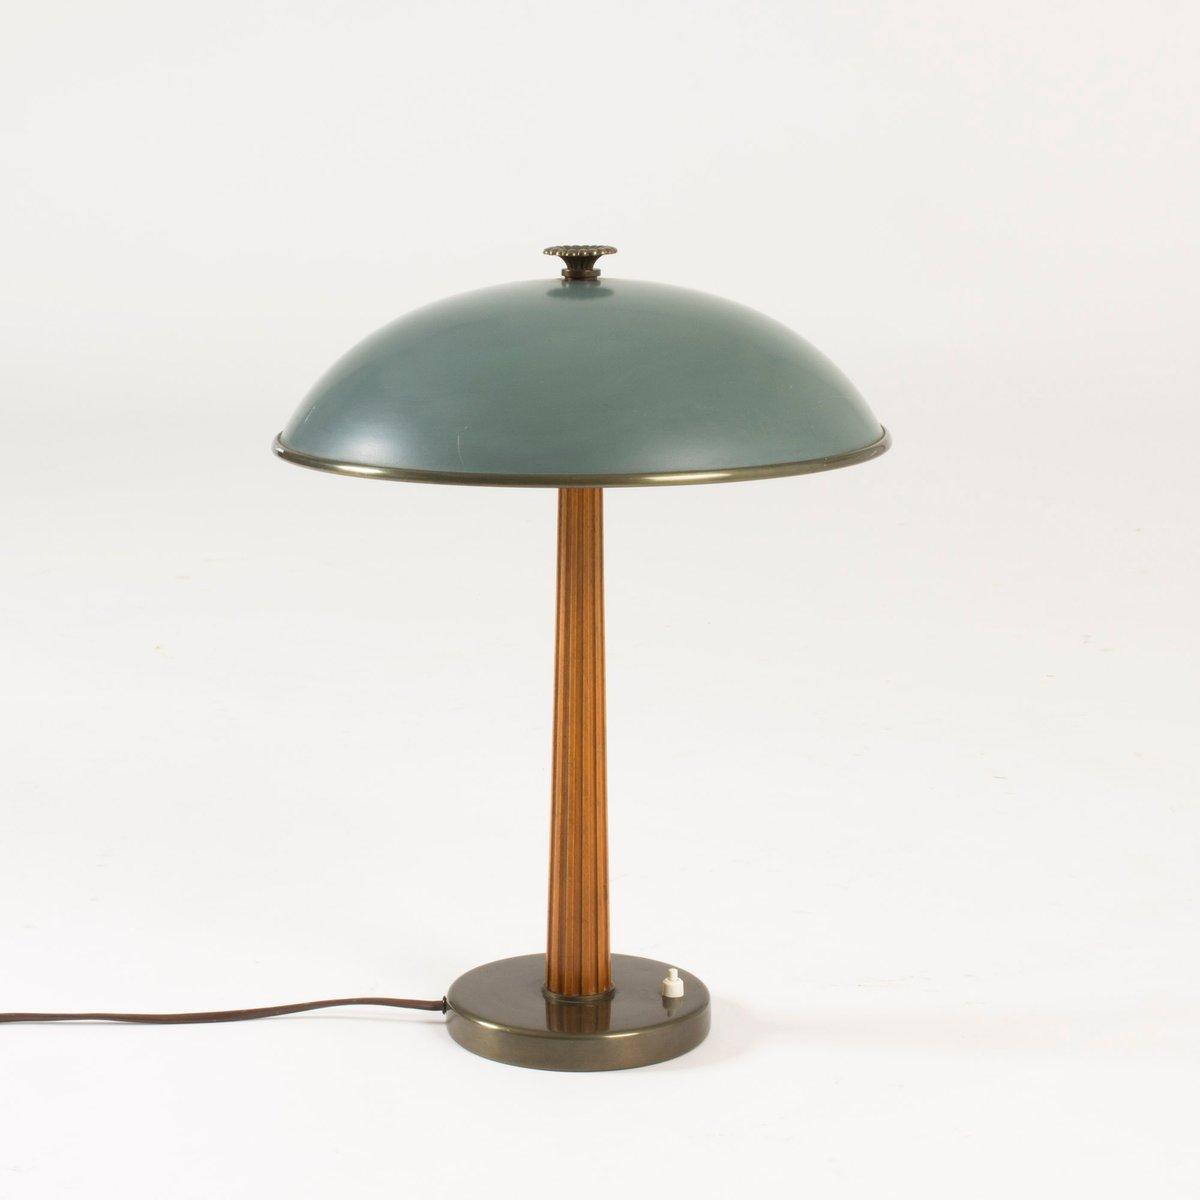 Lampe de bureau en m tal acajou de b hlmarks 1940s en vente sur pamono - Lampe de bureau style anglais ...